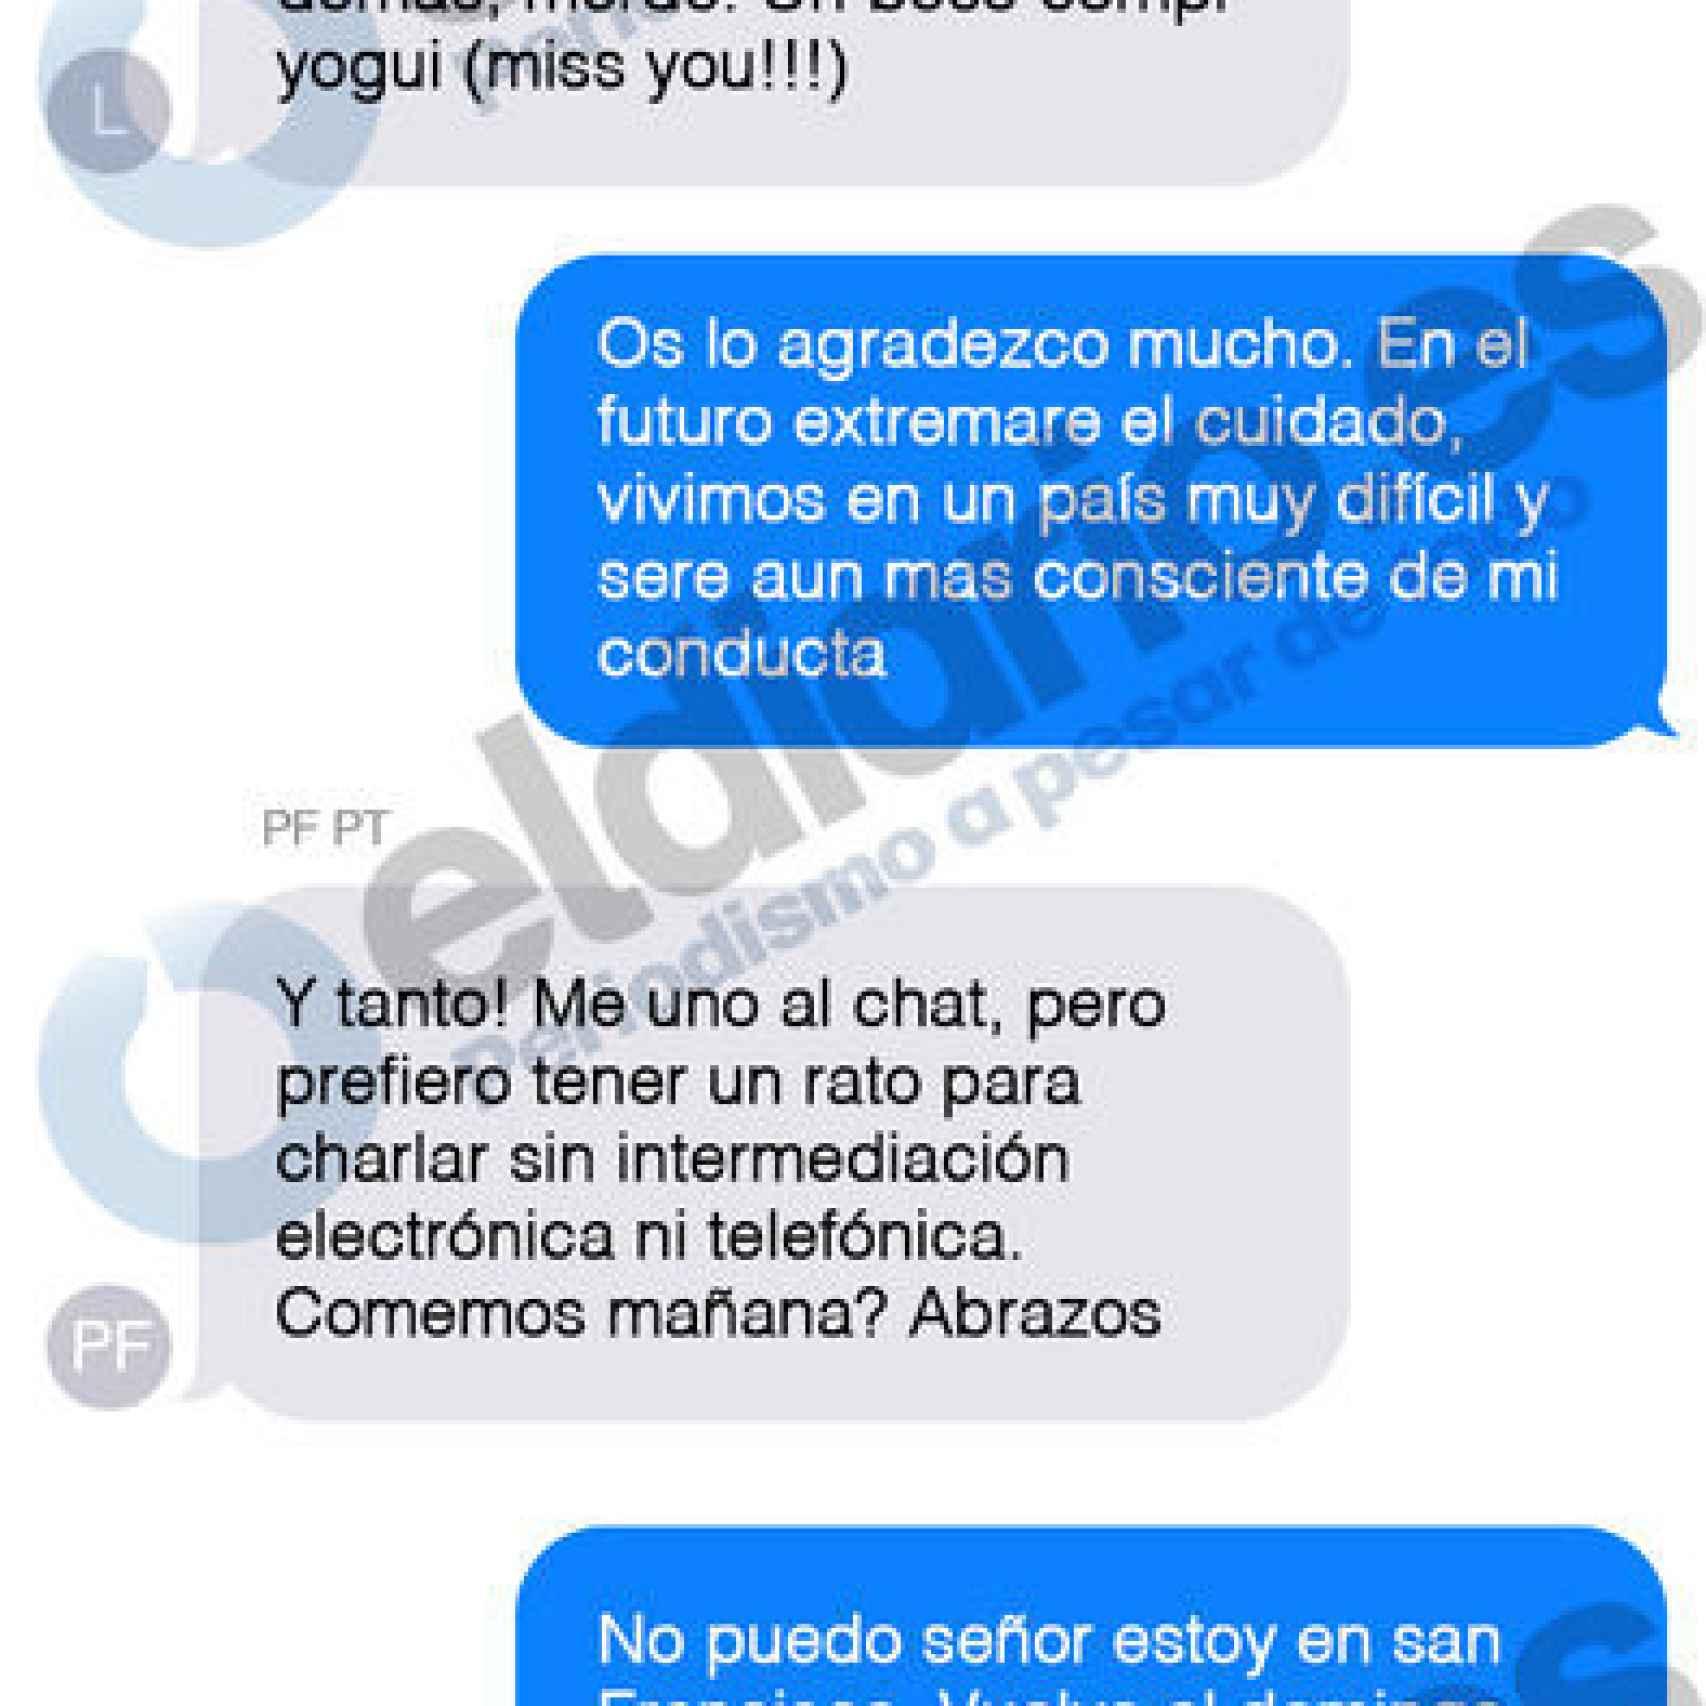 Mensajes intercambiados entre los Reyes y López Madrid.